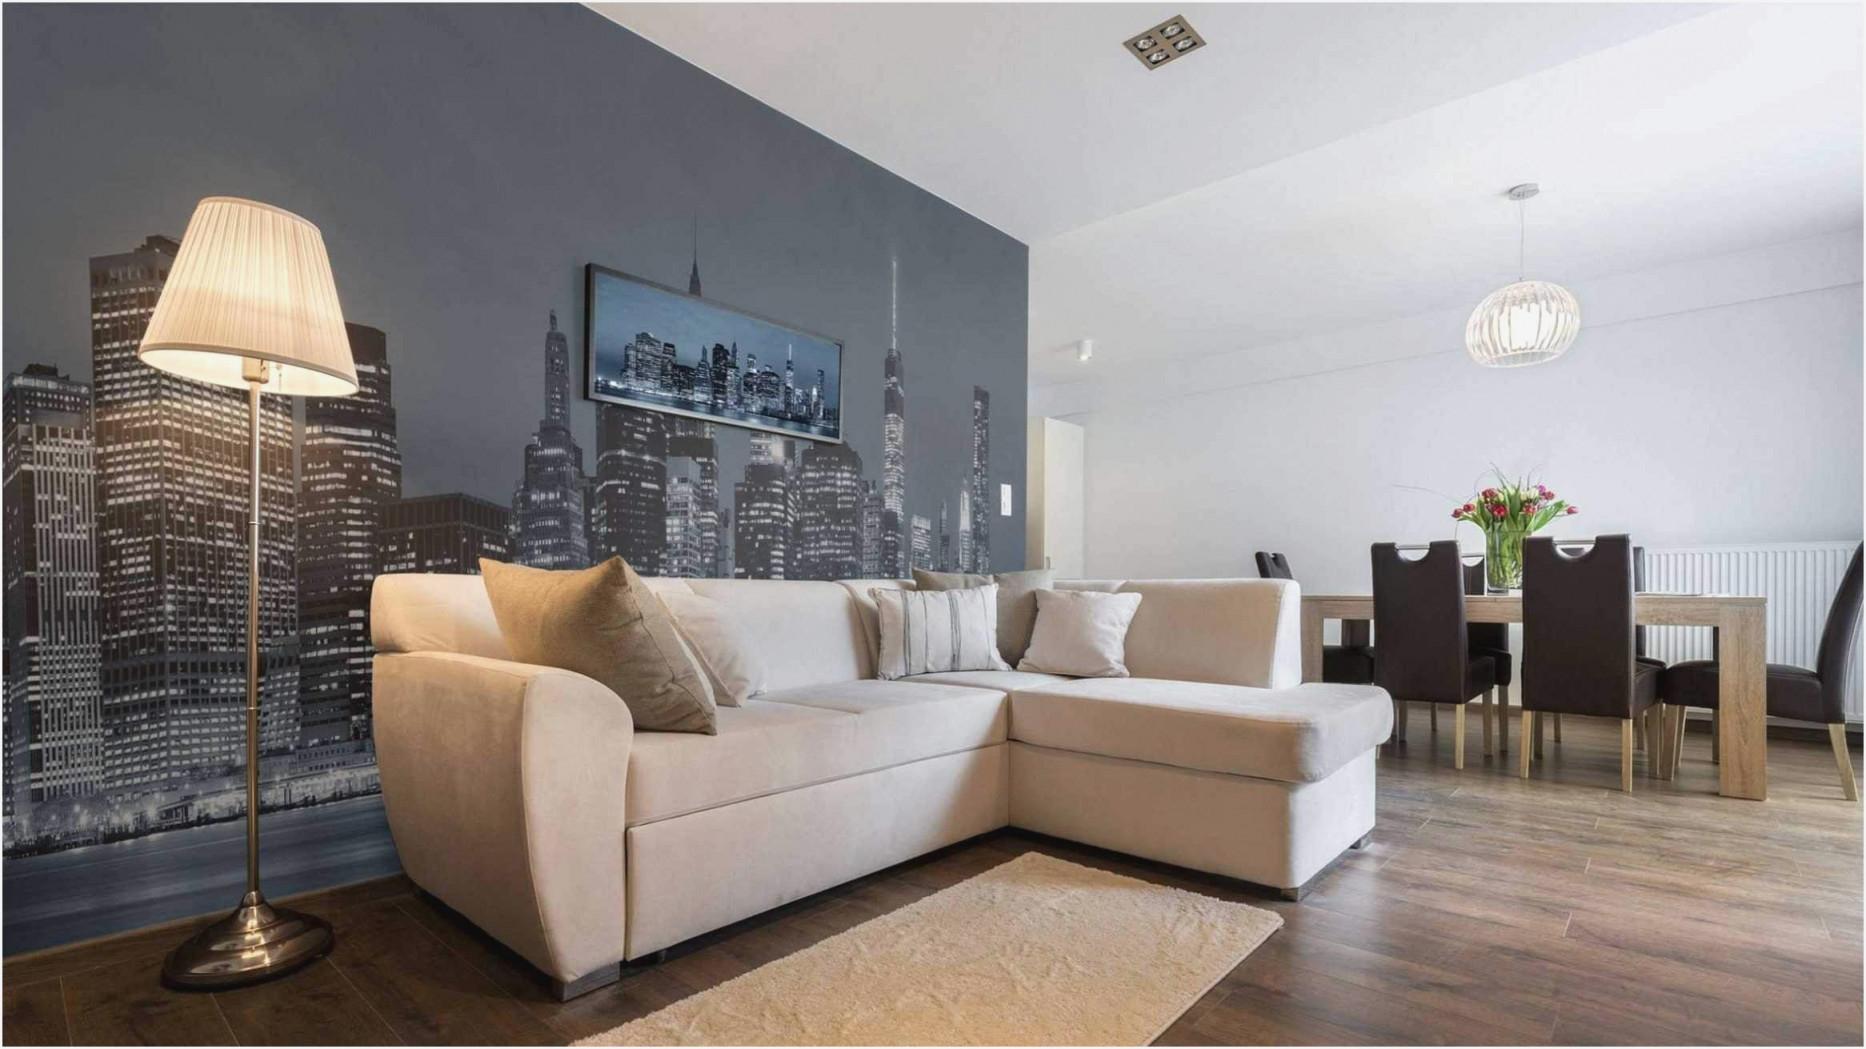 Wandgestaltung Wohnzimmer Beispiele – Caseconrad von Wohnzimmer Ideen Wandgestaltung Photo